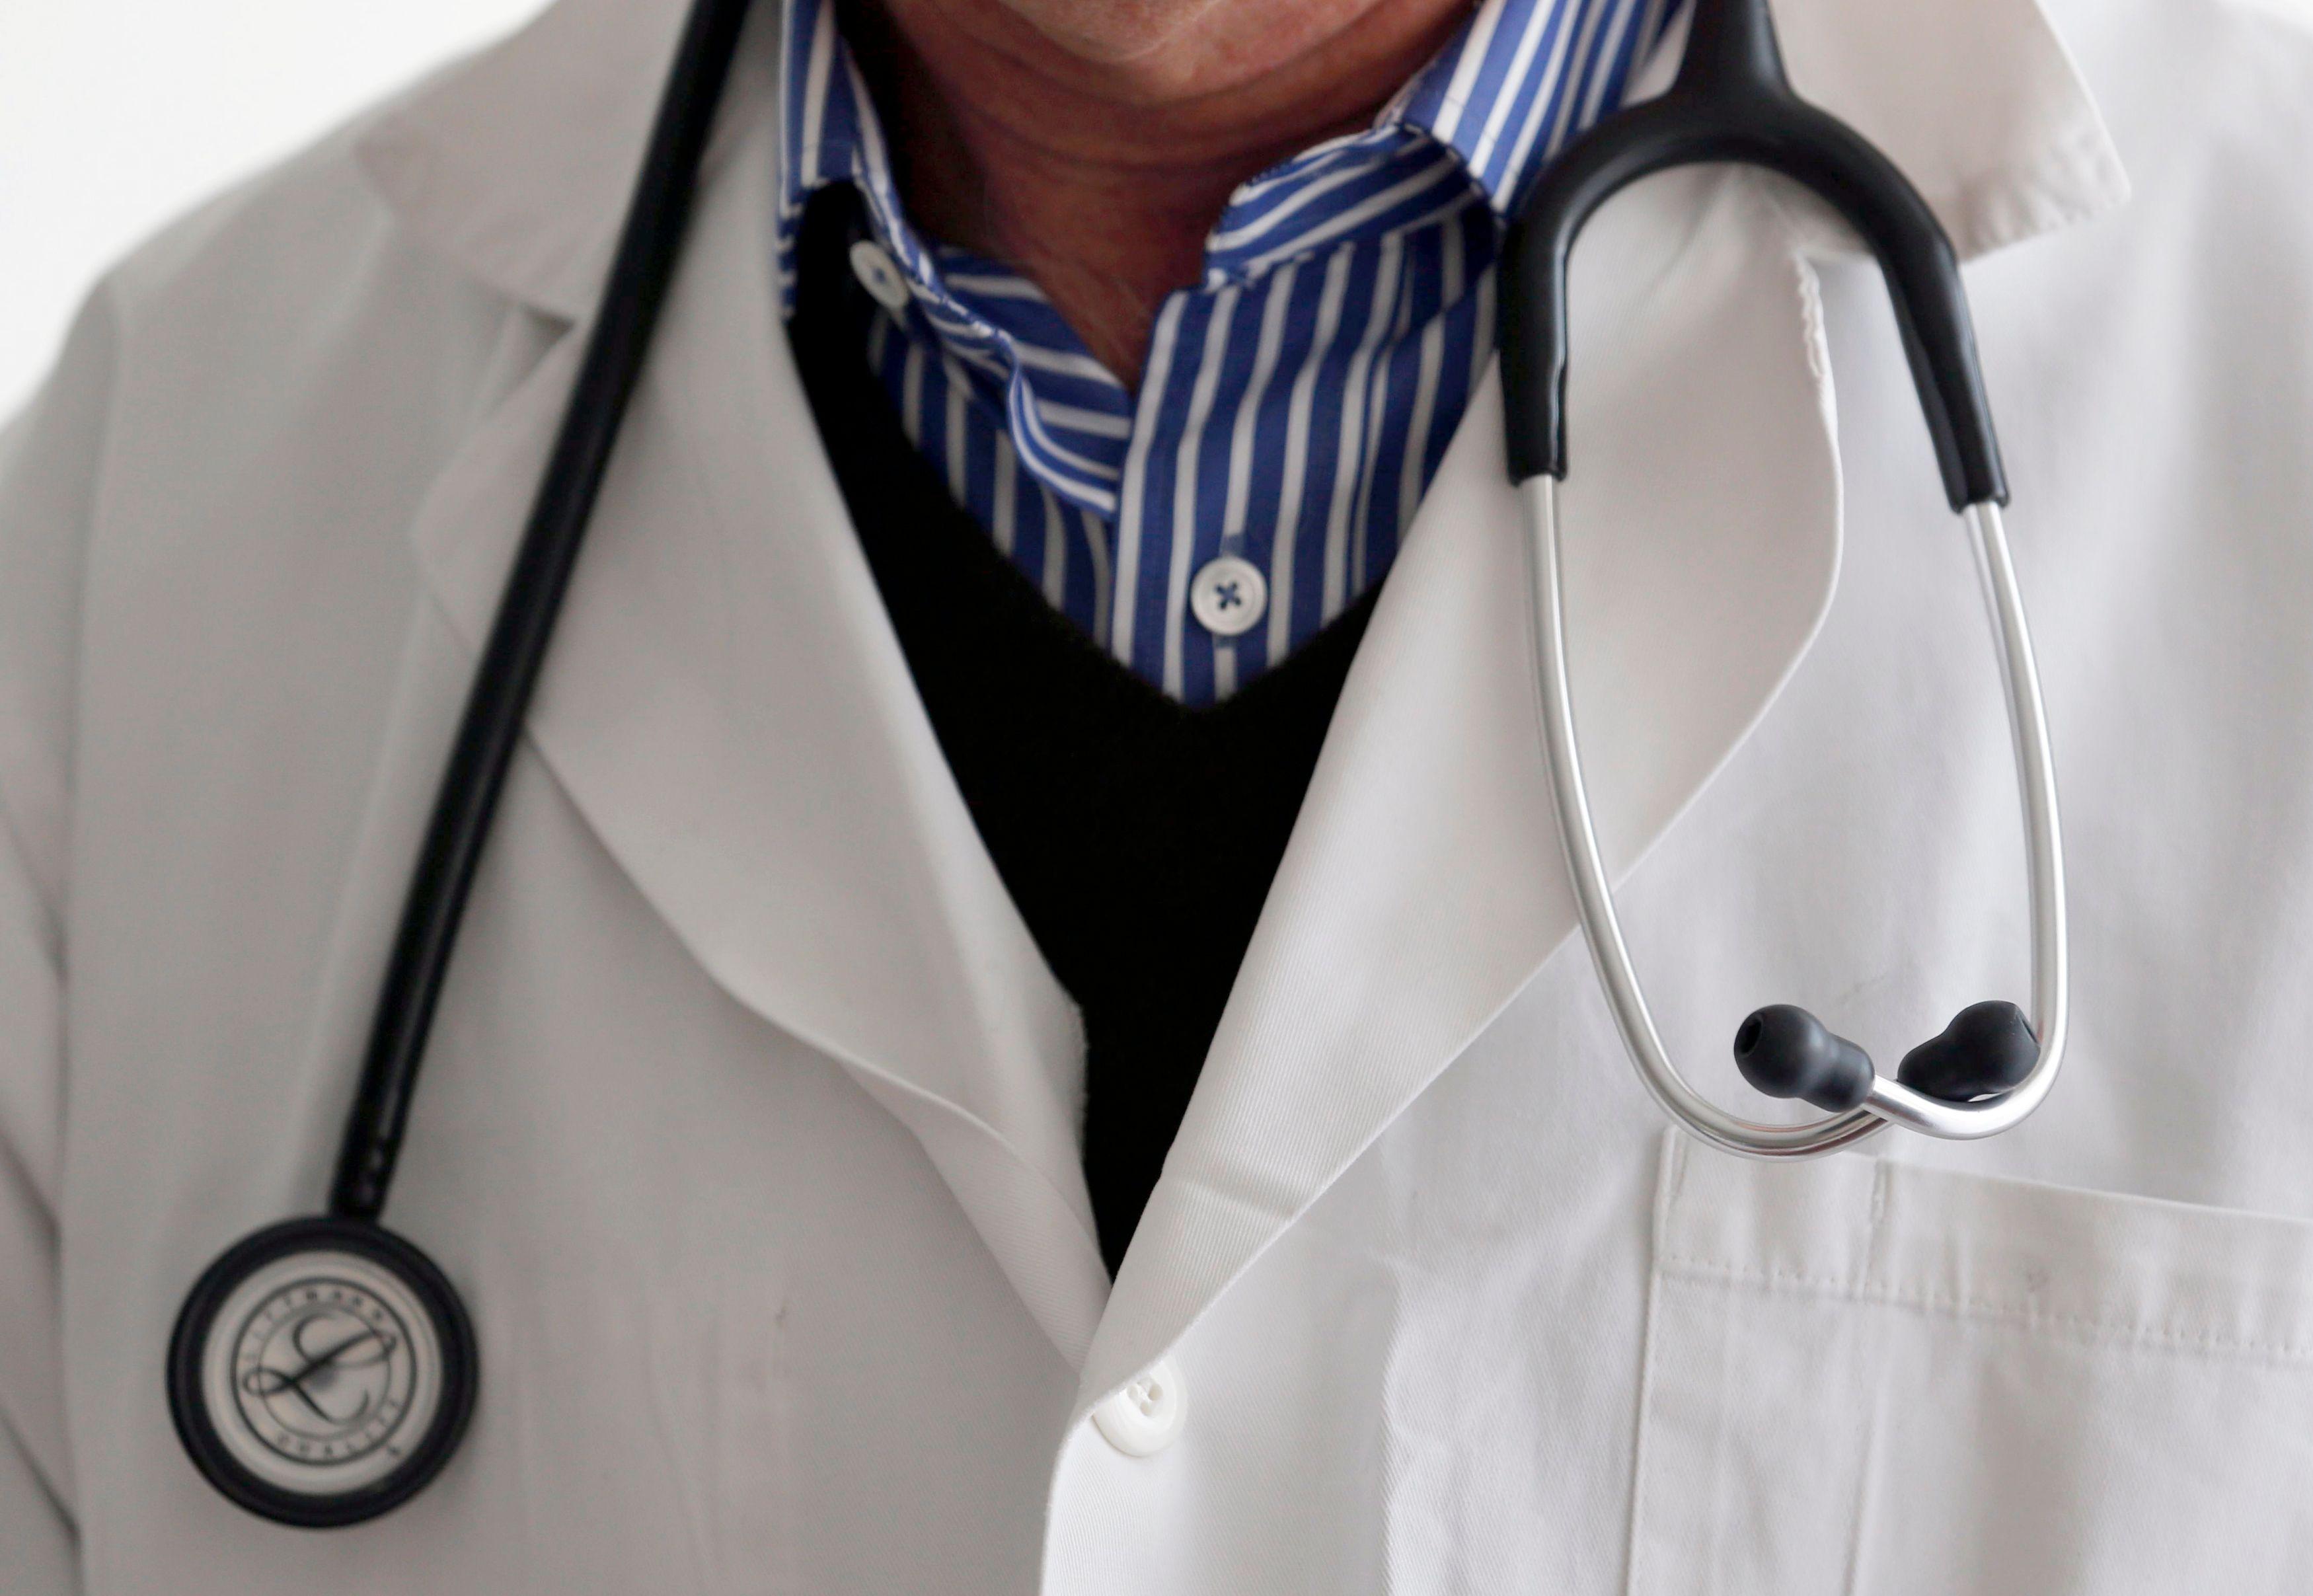 Pour la première fois en France, plus de 1000 médecins ont été agressés ou insultés en un an